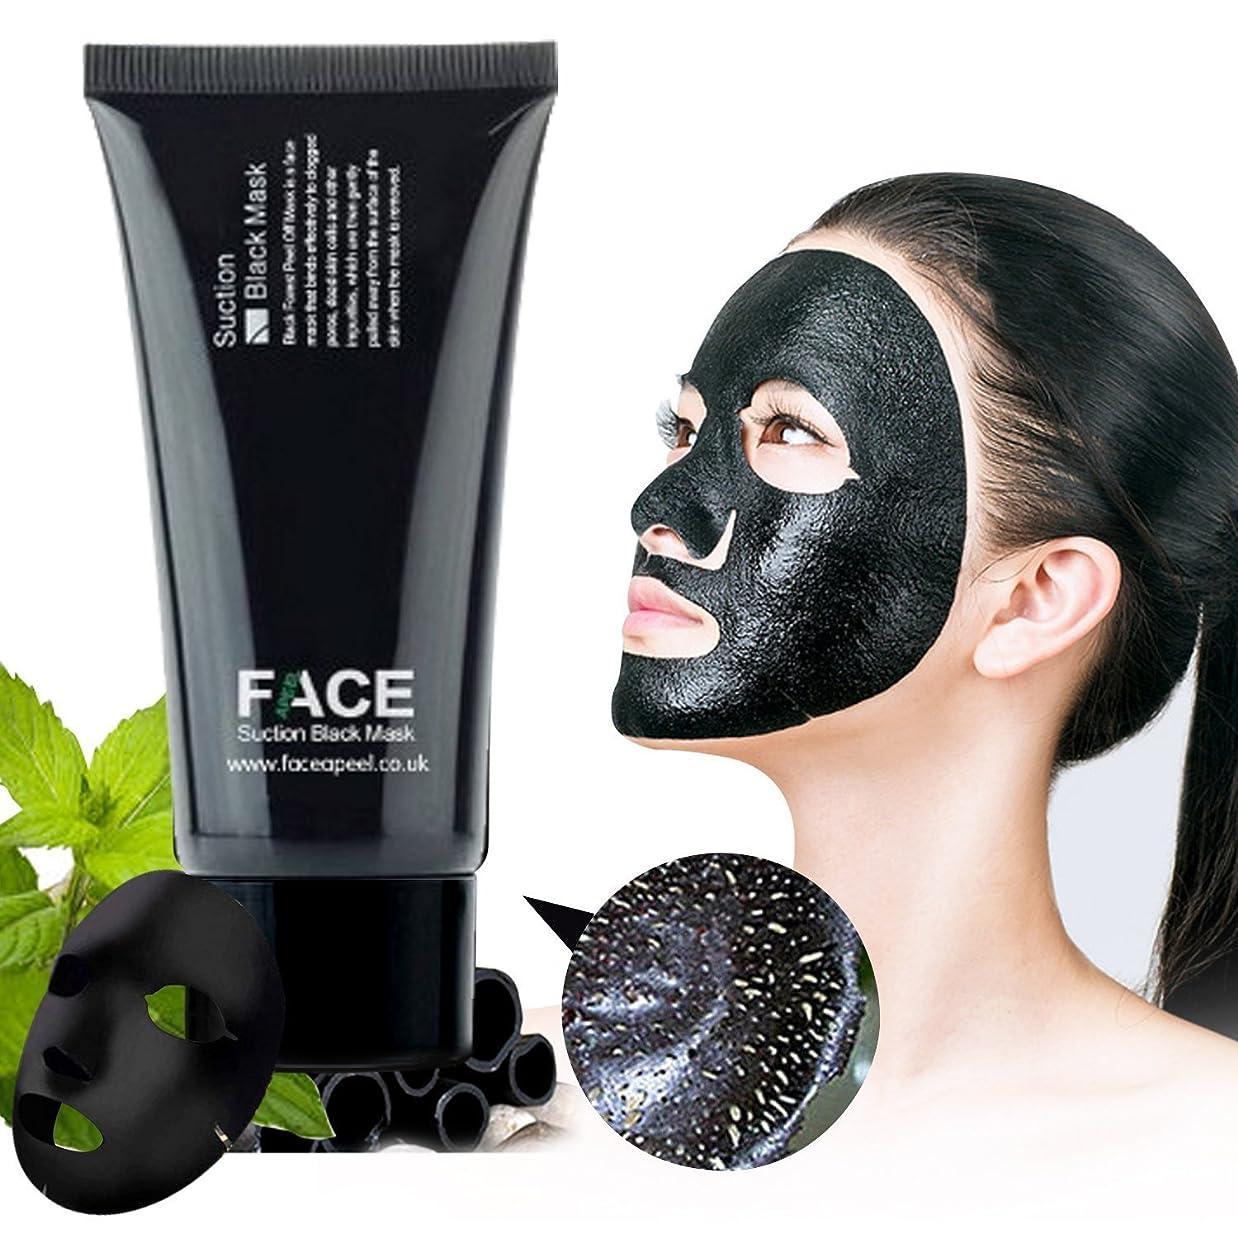 合唱団衝突せせらぎFaceApeel Blackheadリムーバーマスク[Blackheadsを取り除く] - プレミアム品質Black Pore Removalは、Face For Faceマスクを剥がす